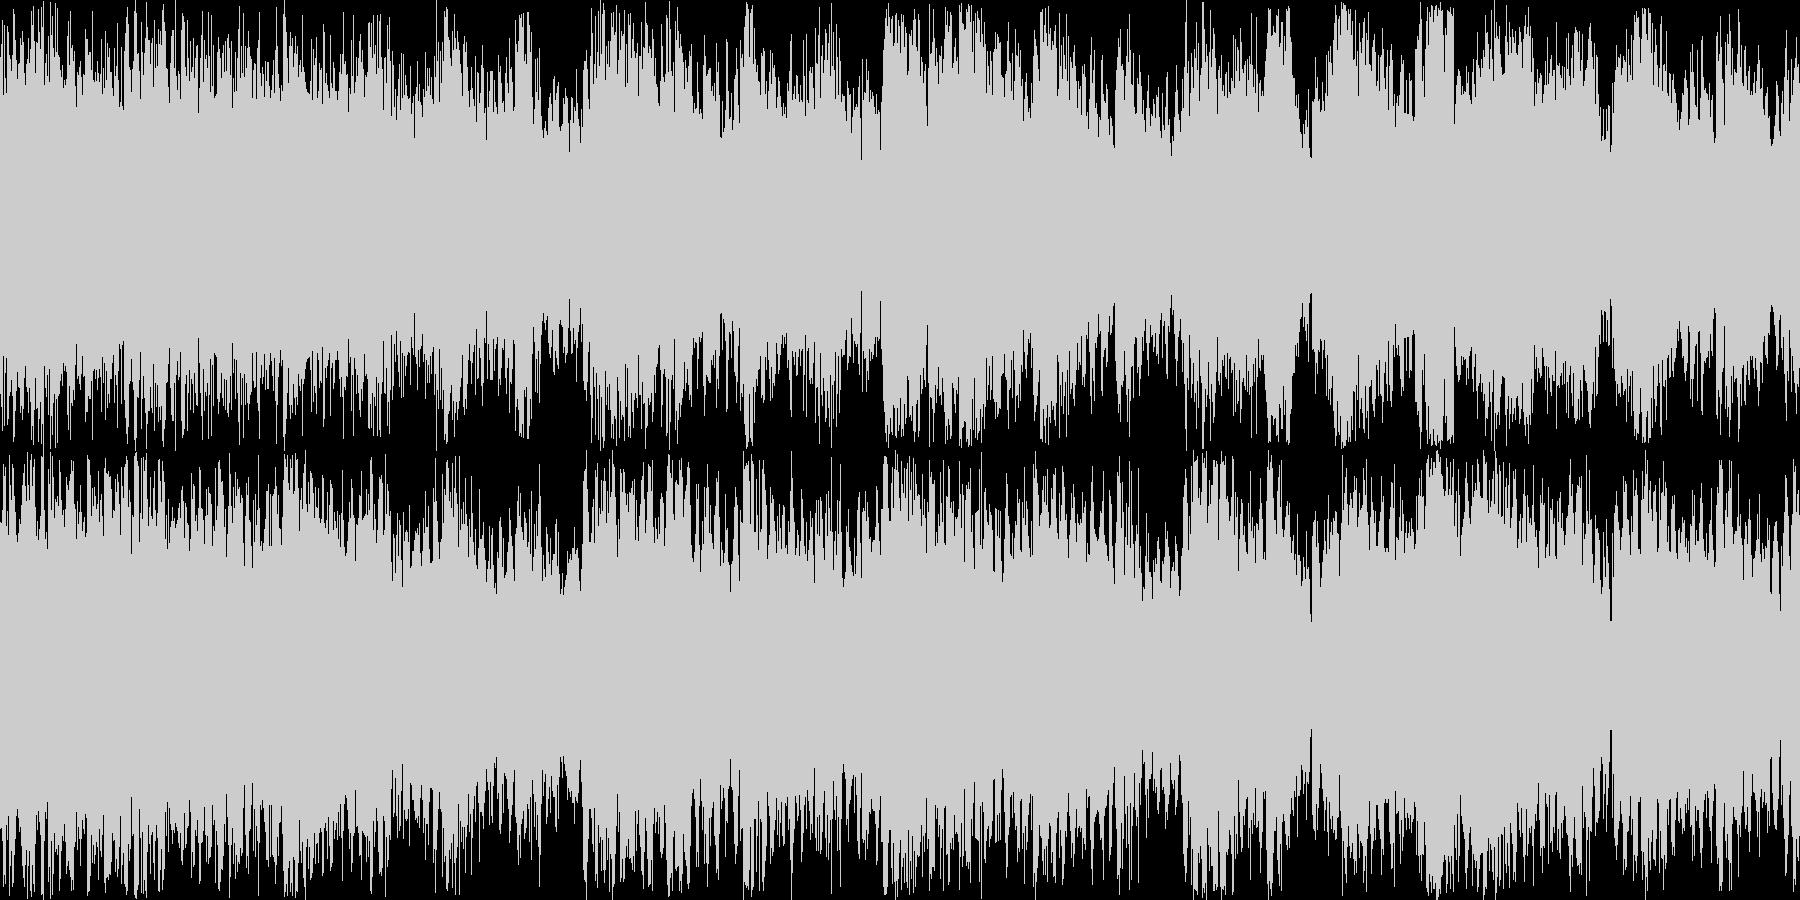 RPG-BGM 重厚オーケストラ楽曲の未再生の波形